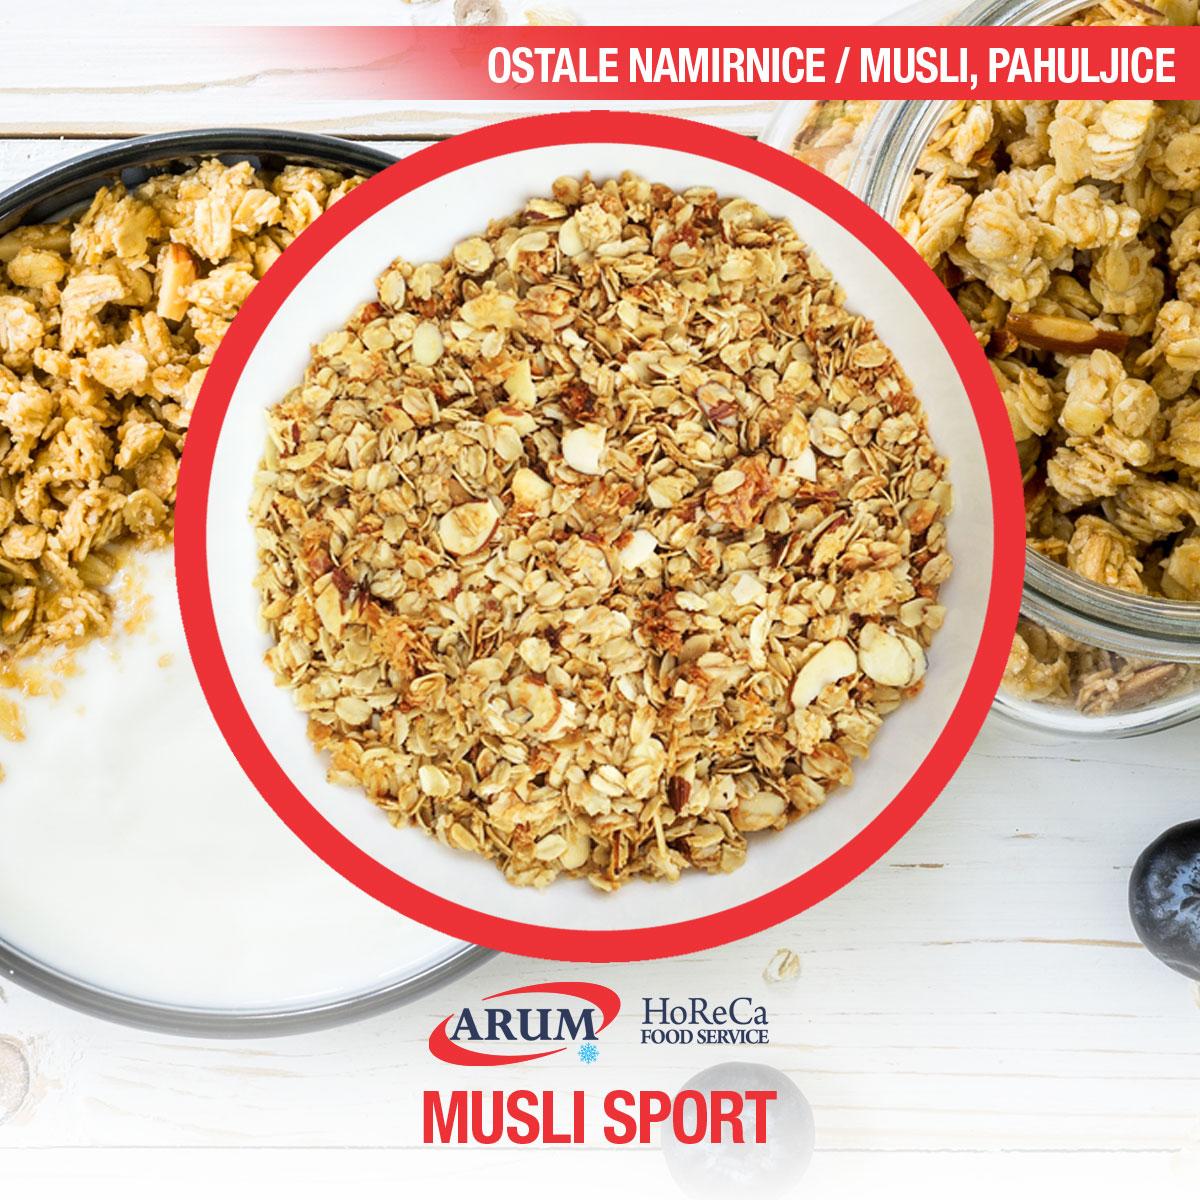 Musli sport 0.5